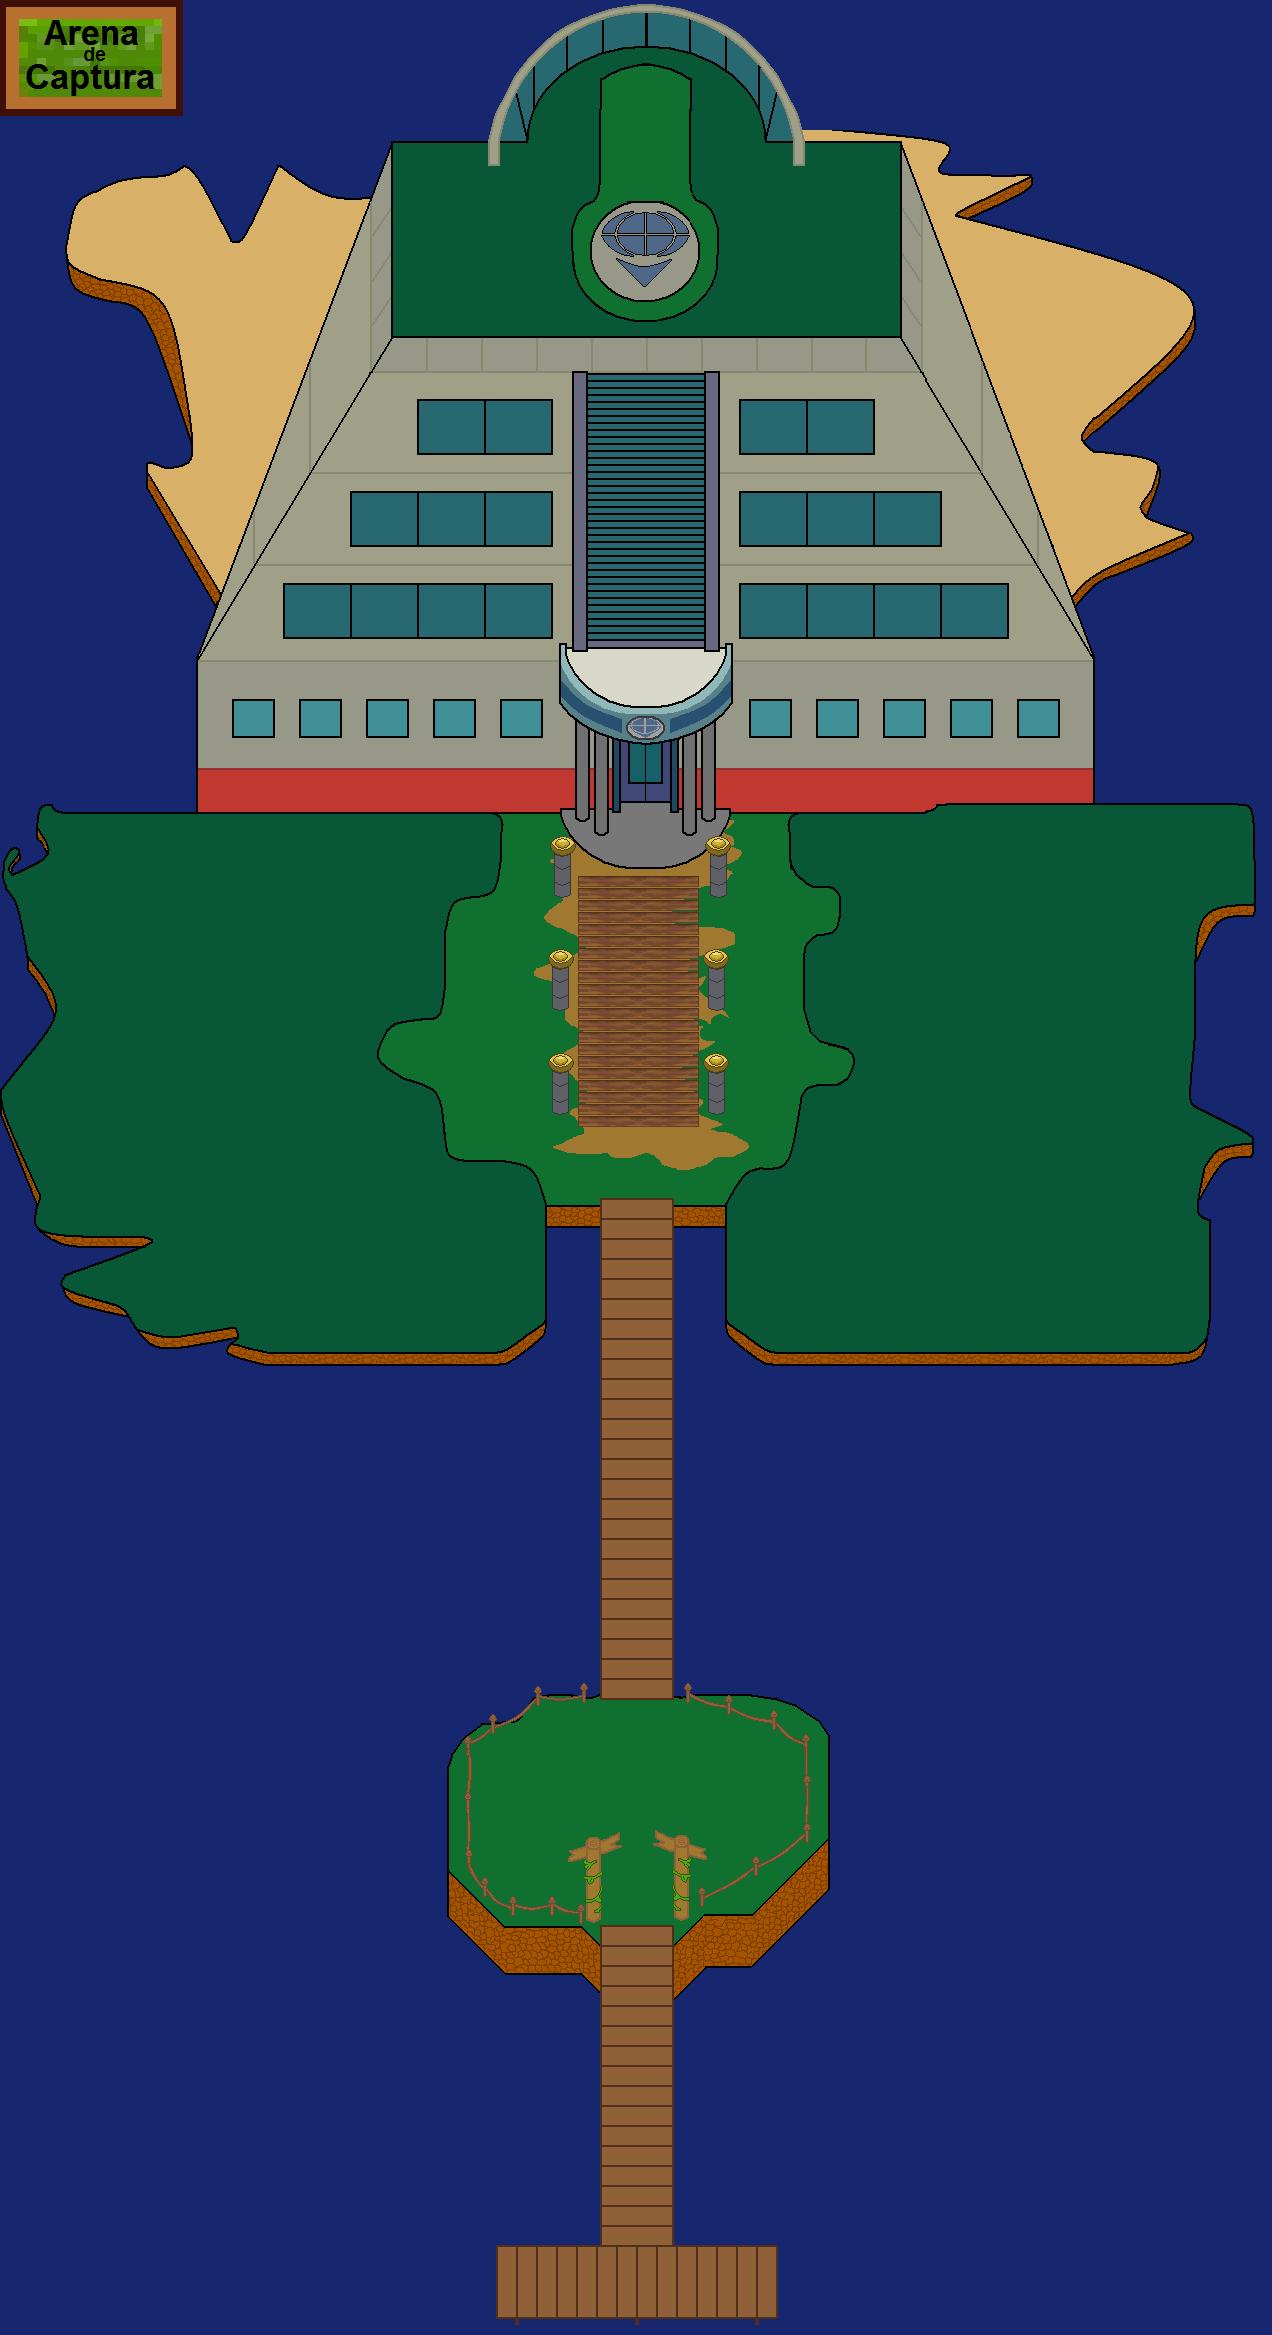 Plano de la Arena de captura.